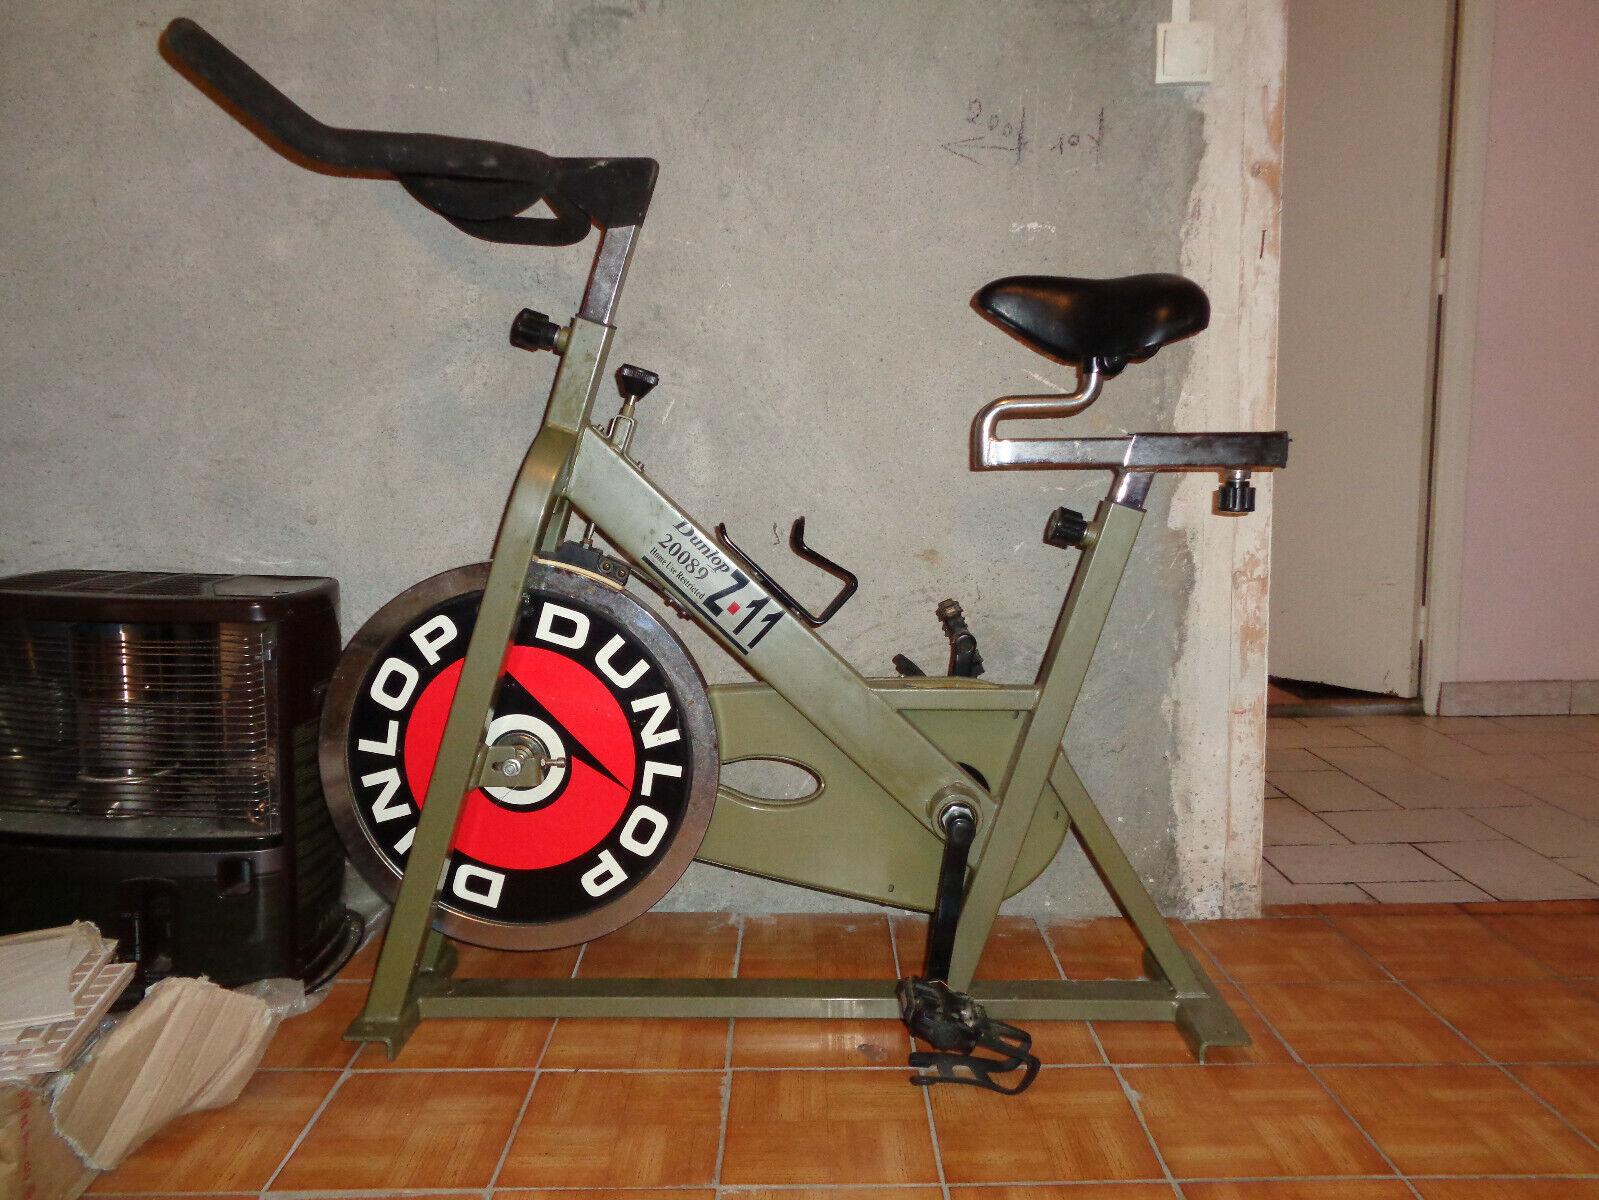 Vélo de spinning - dunlop z-11 - vélo d'appartement - entraînement vélo route